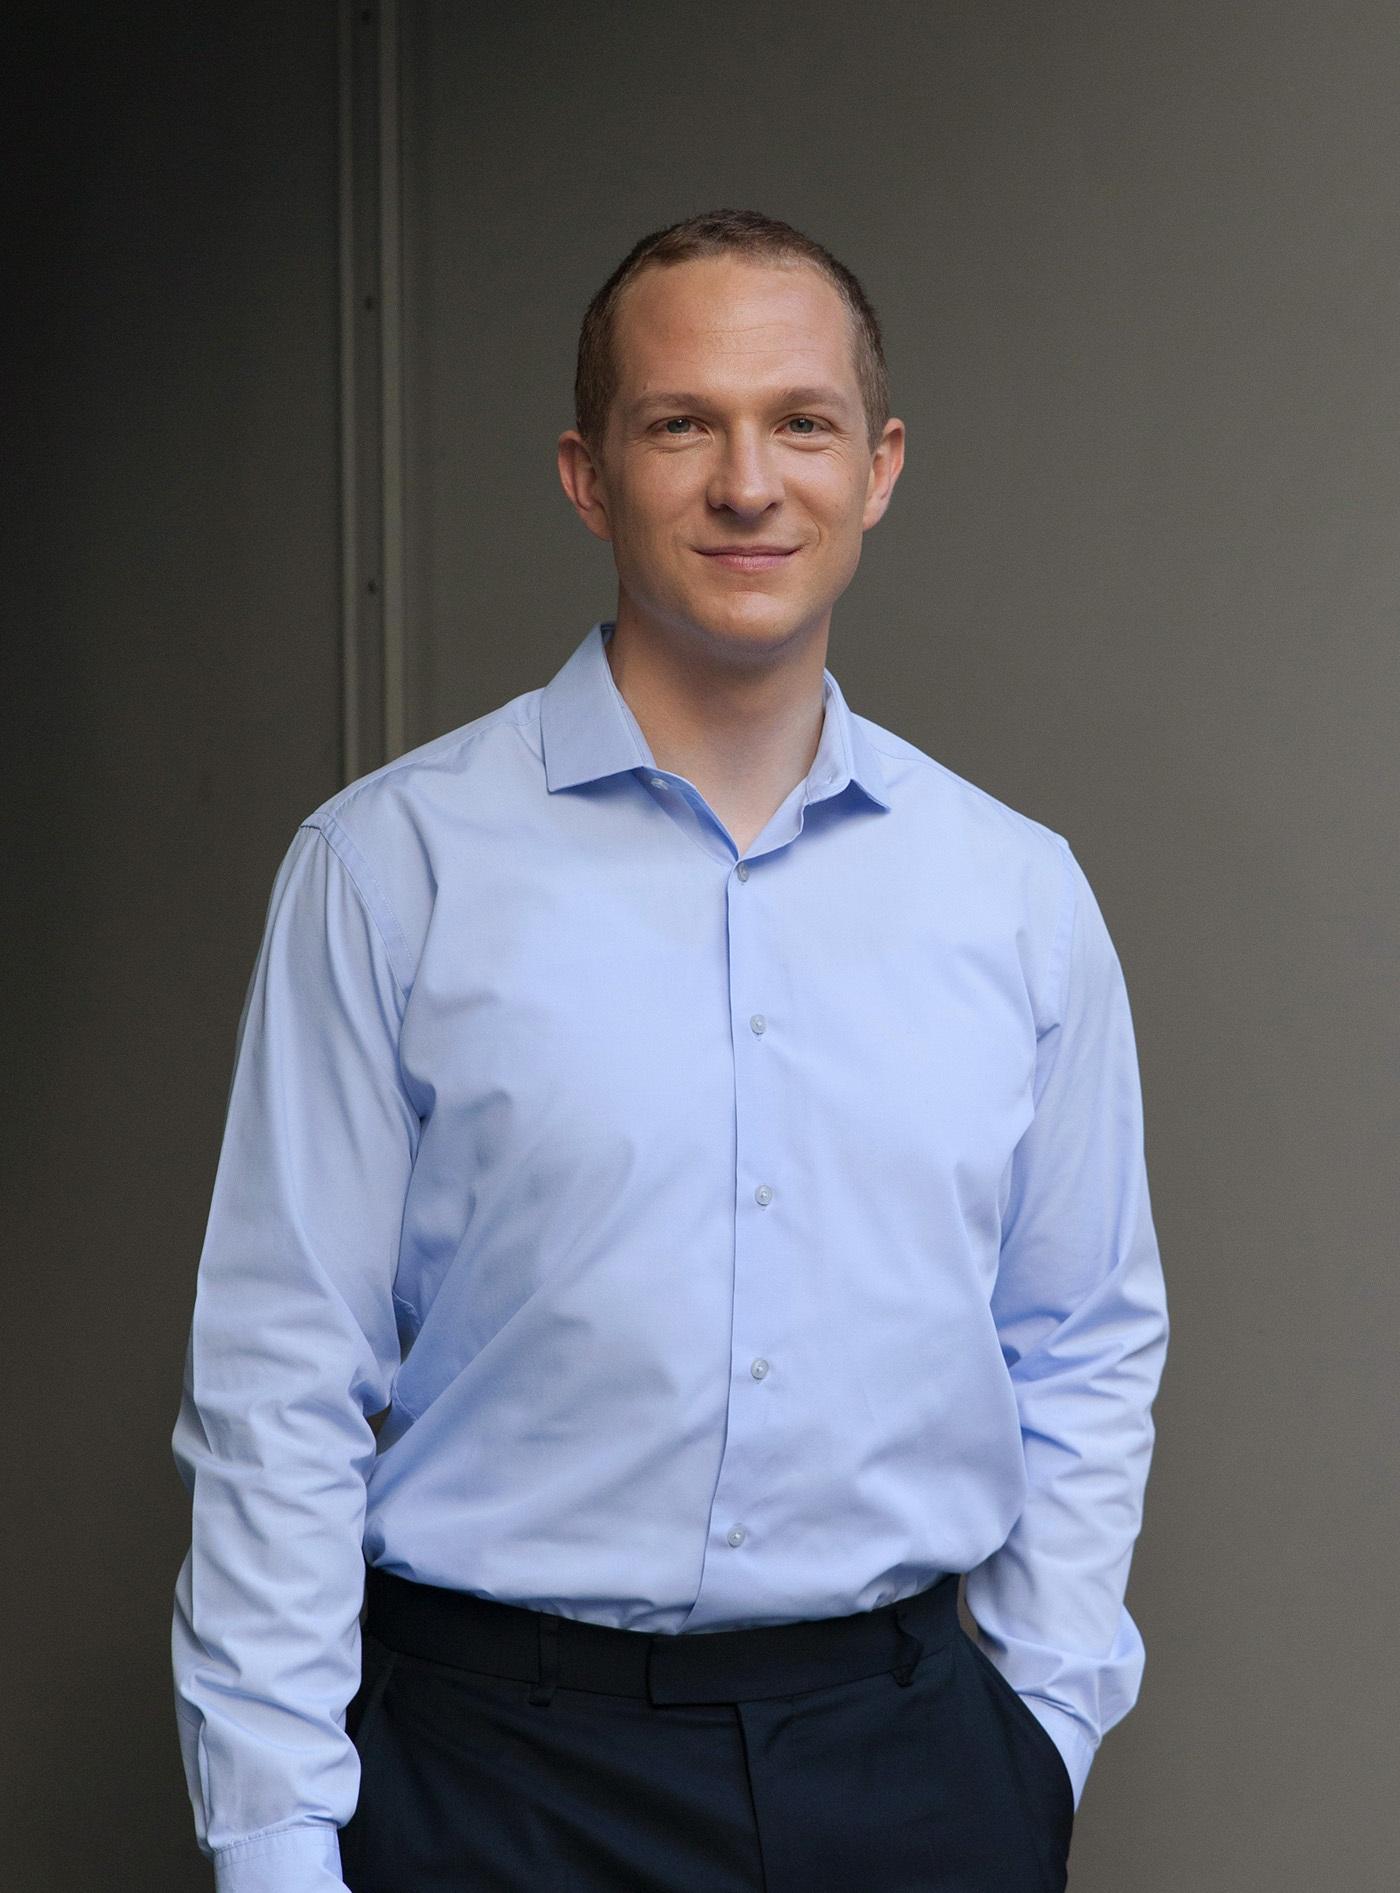 Niklas Manhart